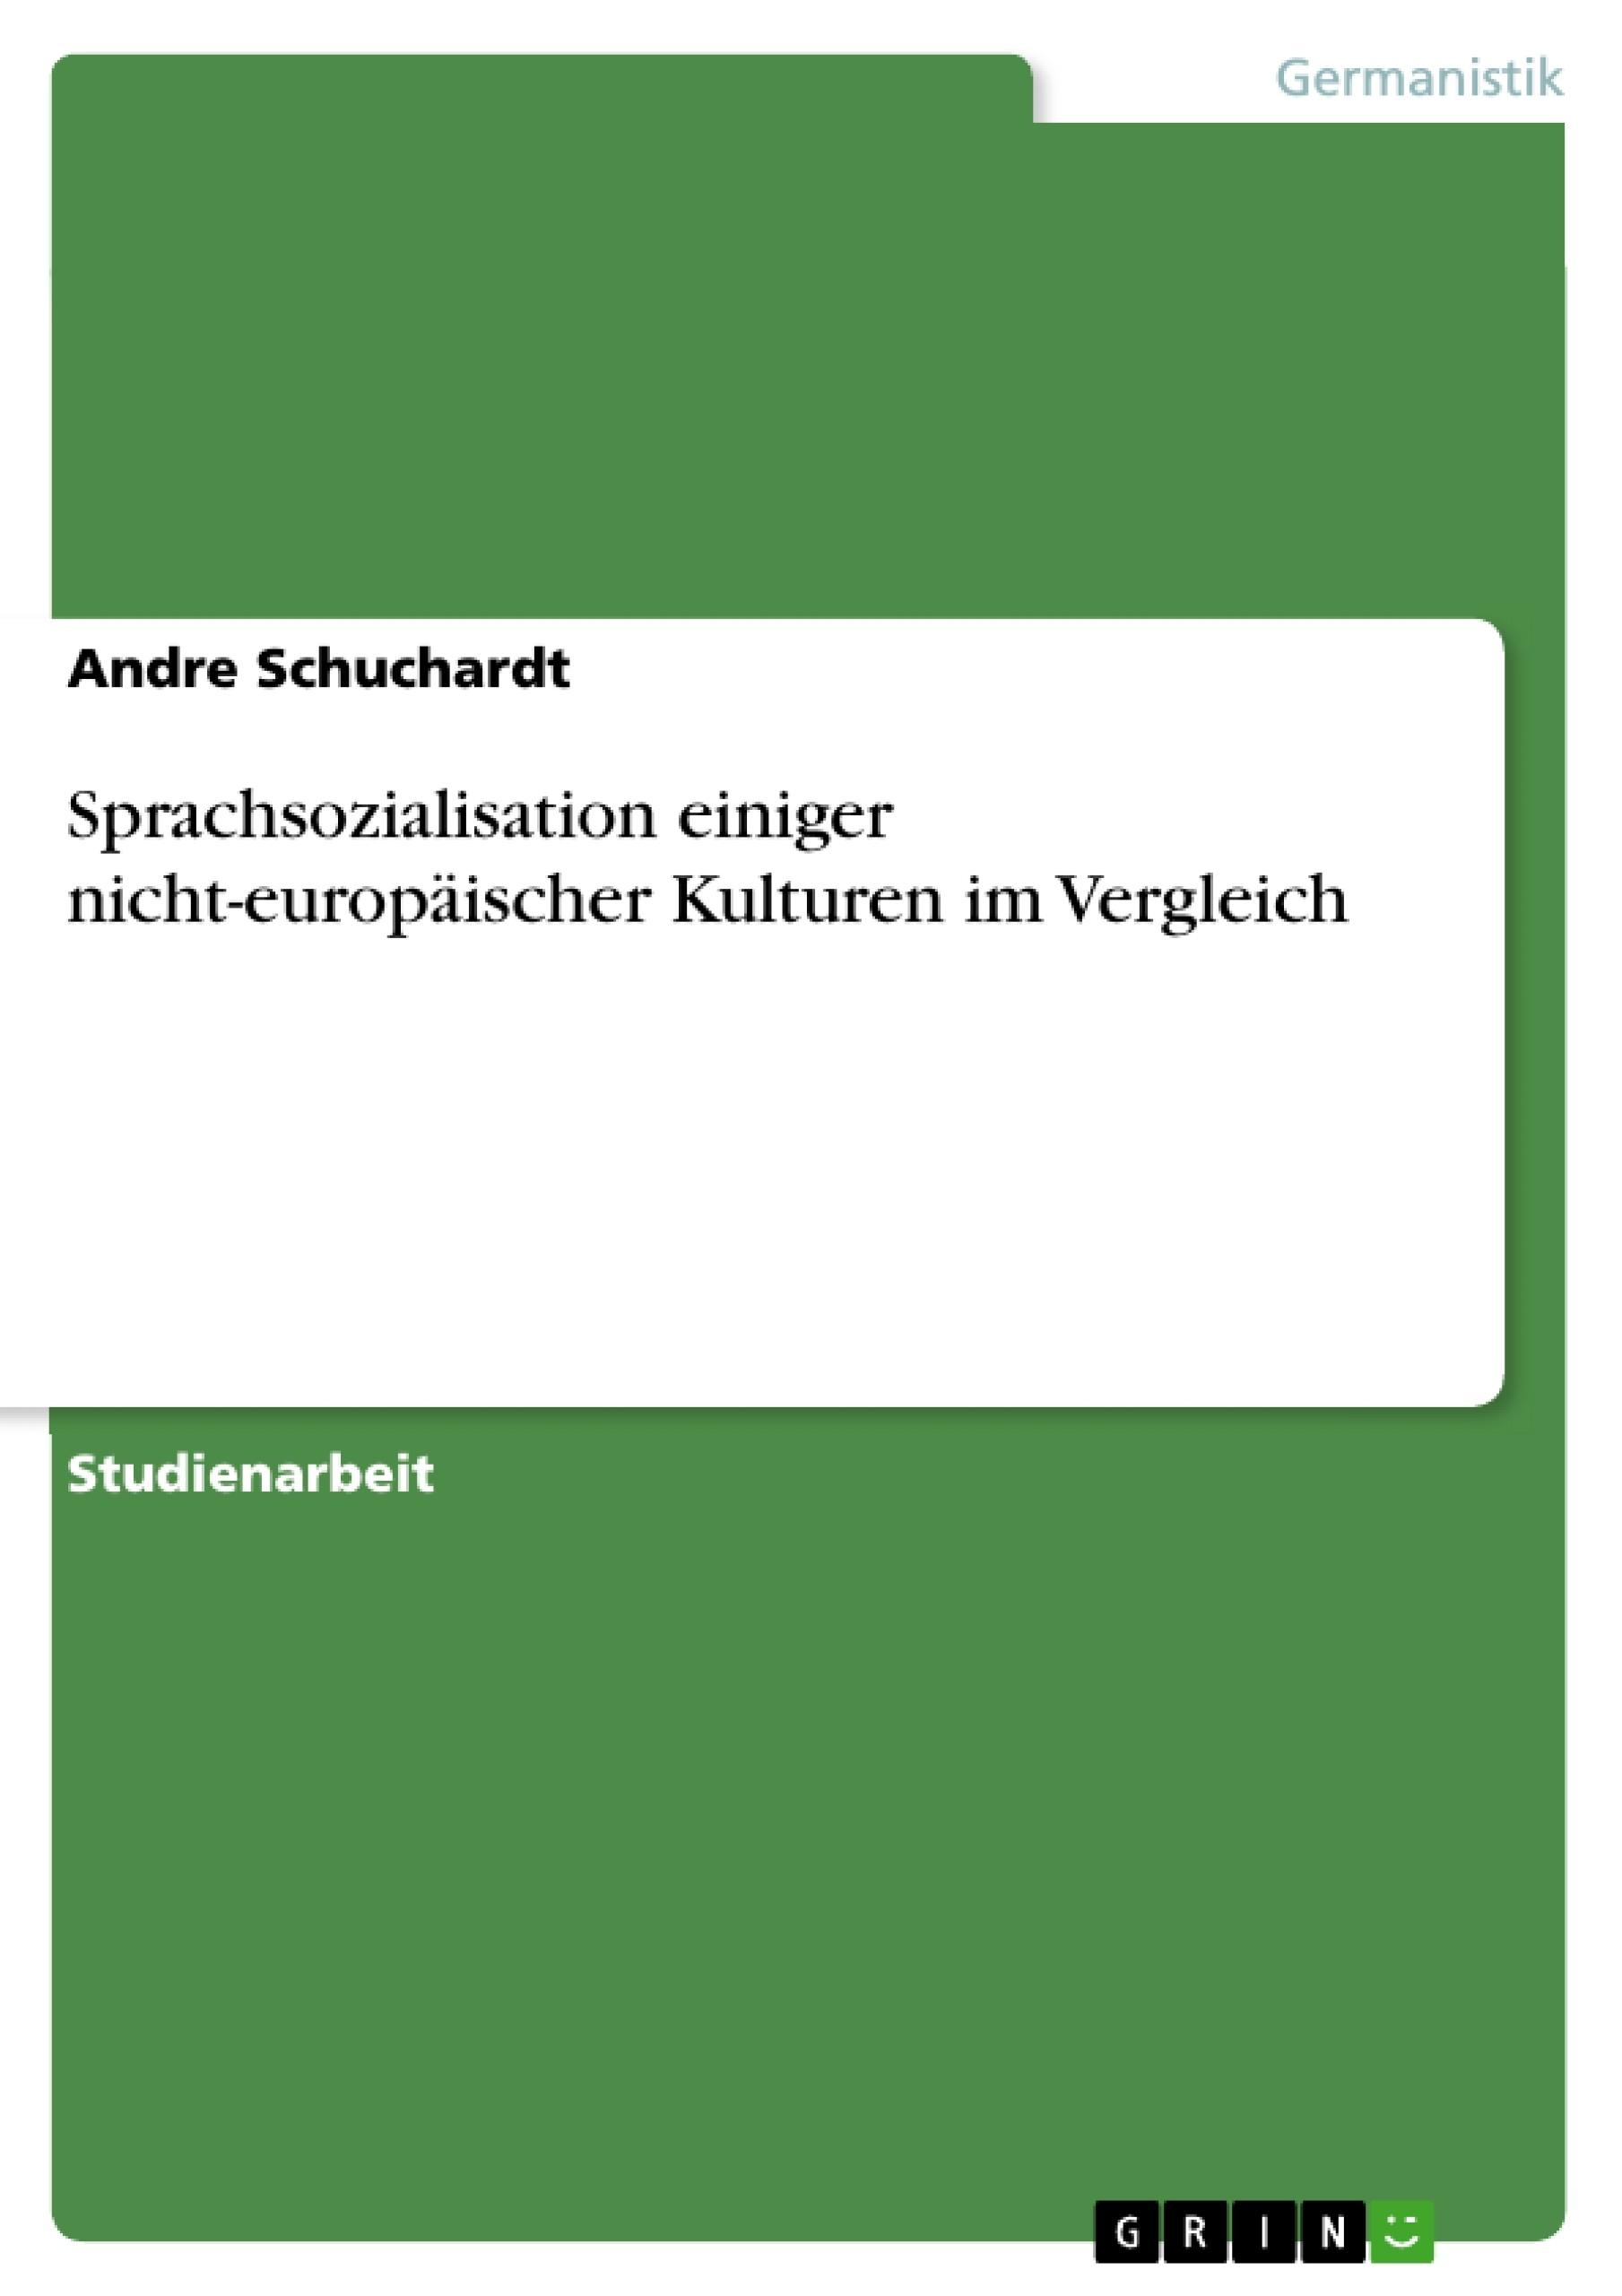 Titel: Sprachsozialisation einiger nicht-europäischer Kulturen im Vergleich